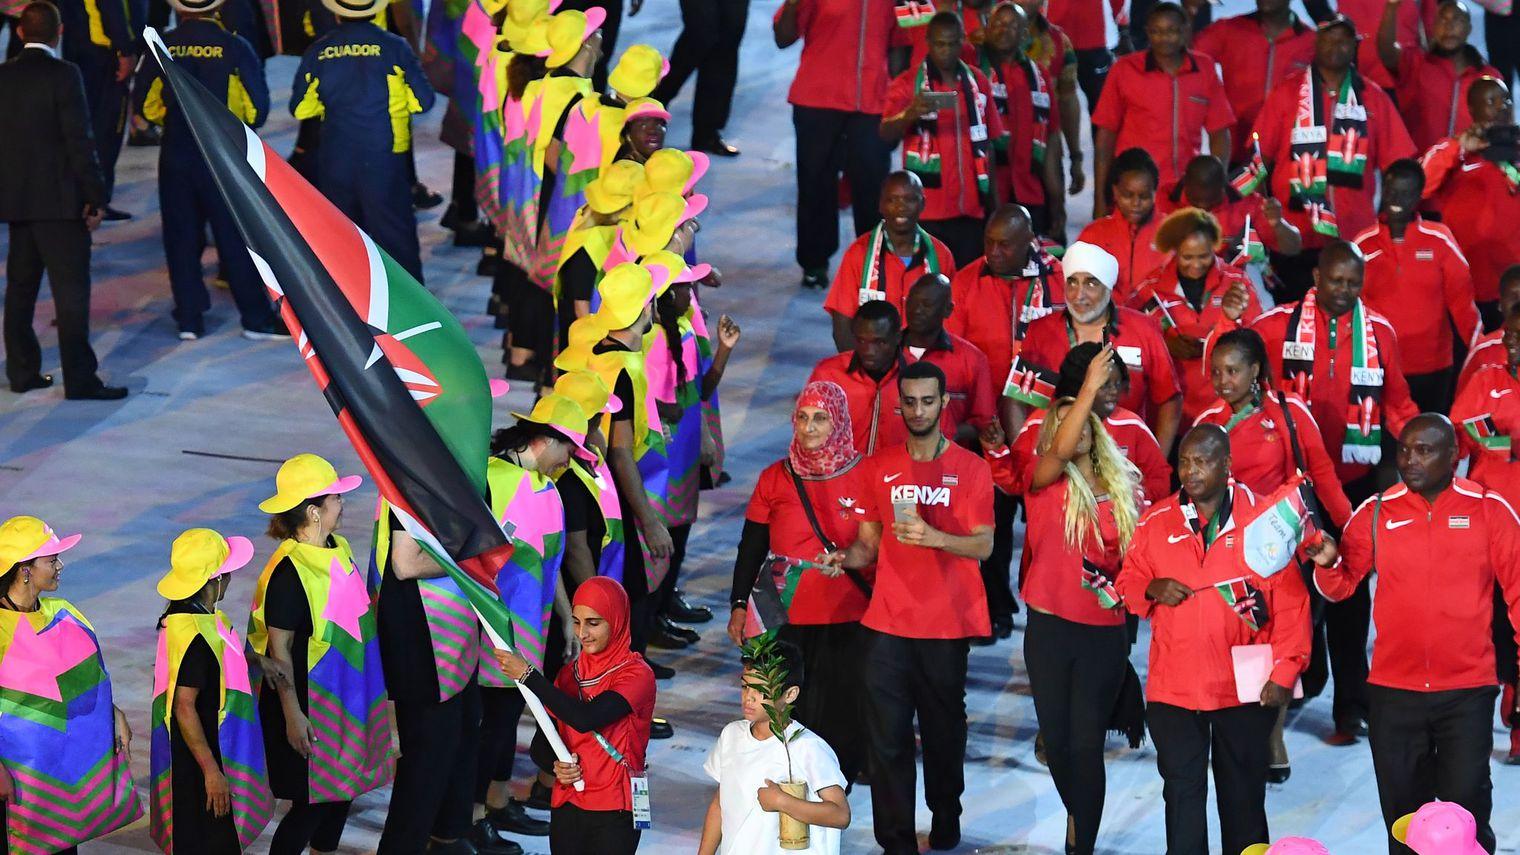 la-delegation-kenyane-lors-de-la-ceremonie-d-ouverture-des-jeux-de-rio-le-5-aout-2016_5657903